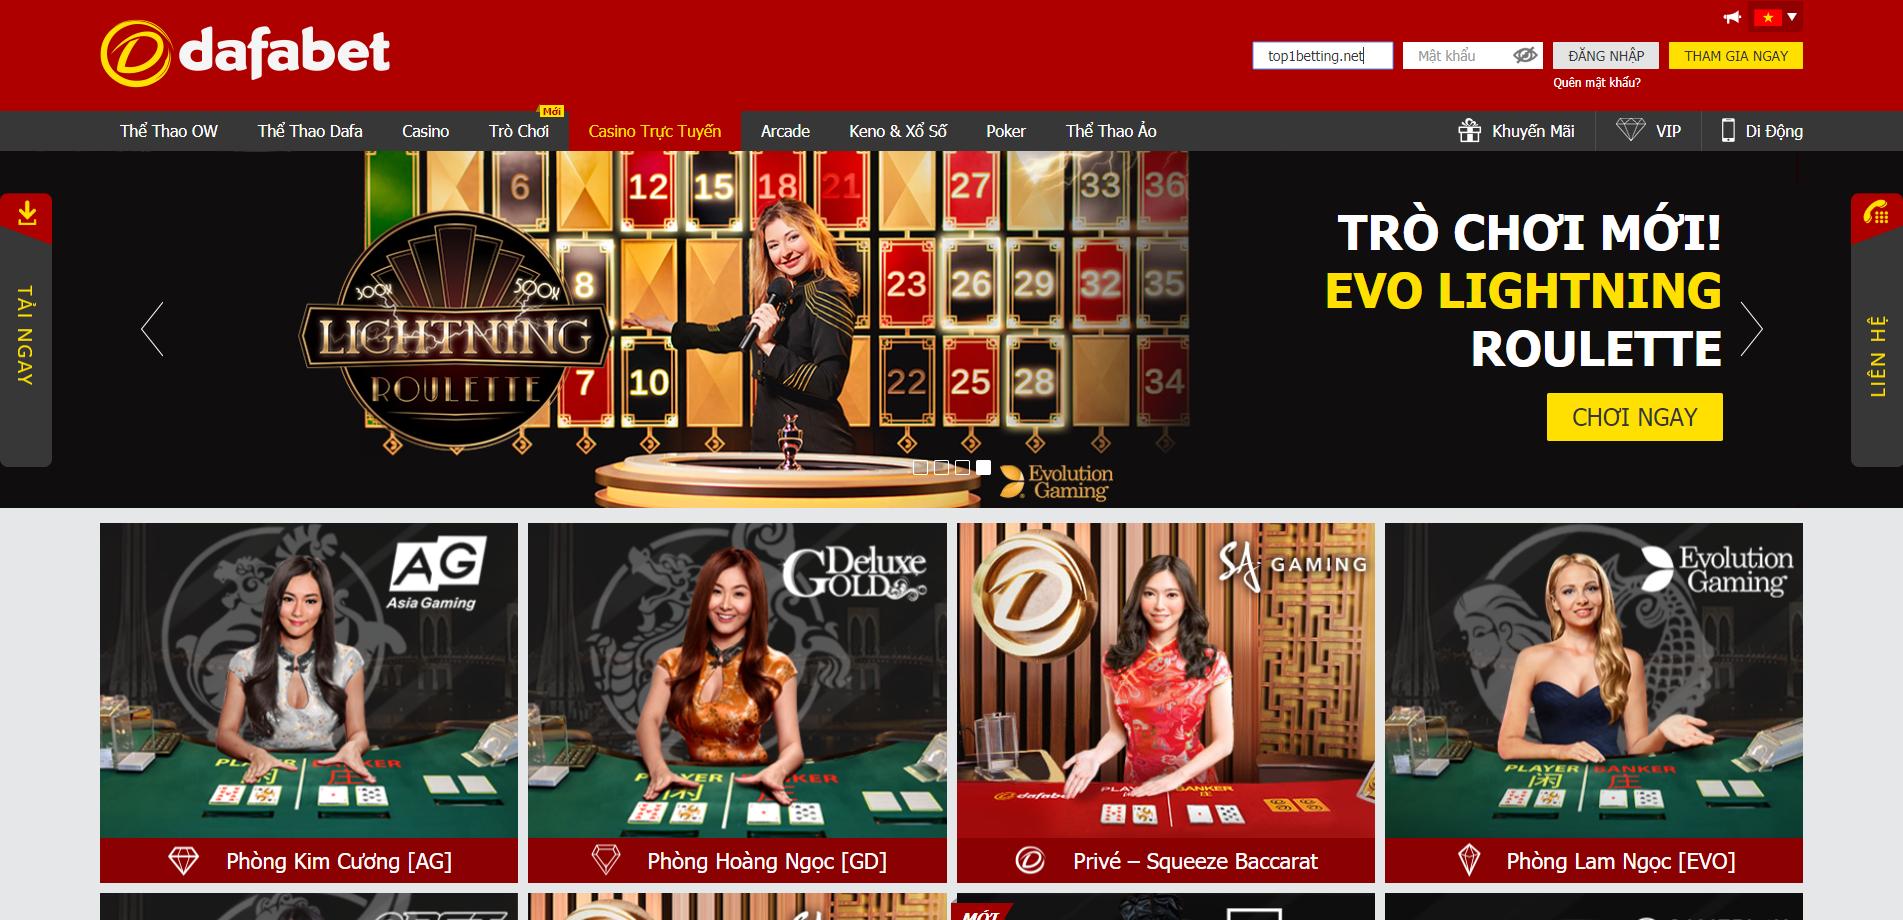 Chọn địa chỉ nào khi tham gia đánh bài tại các casino Việt Nam